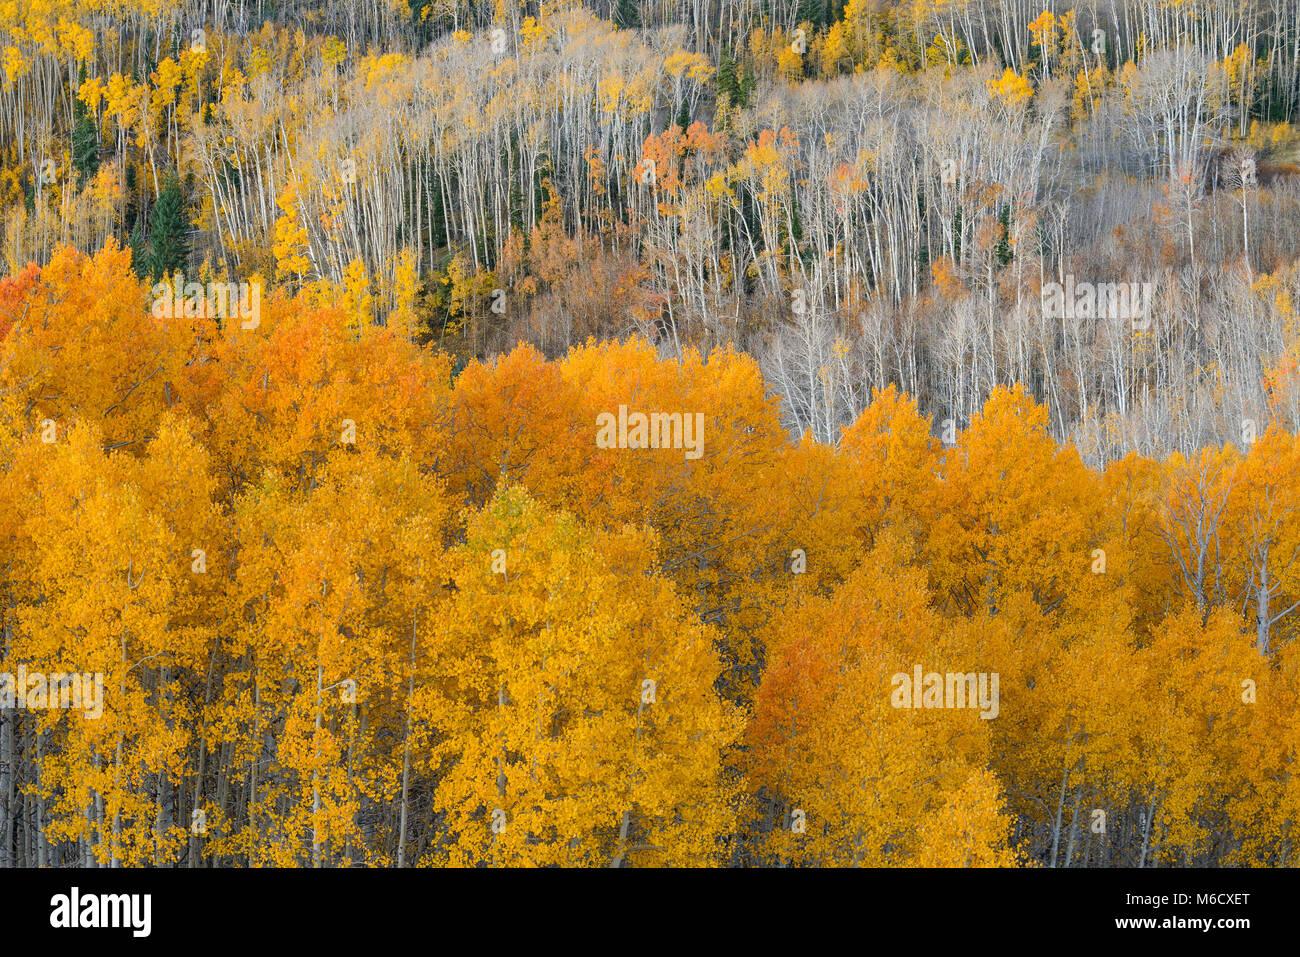 Aspen, Boulder Mountain, Dixie National Forest, Utah - Stock Image